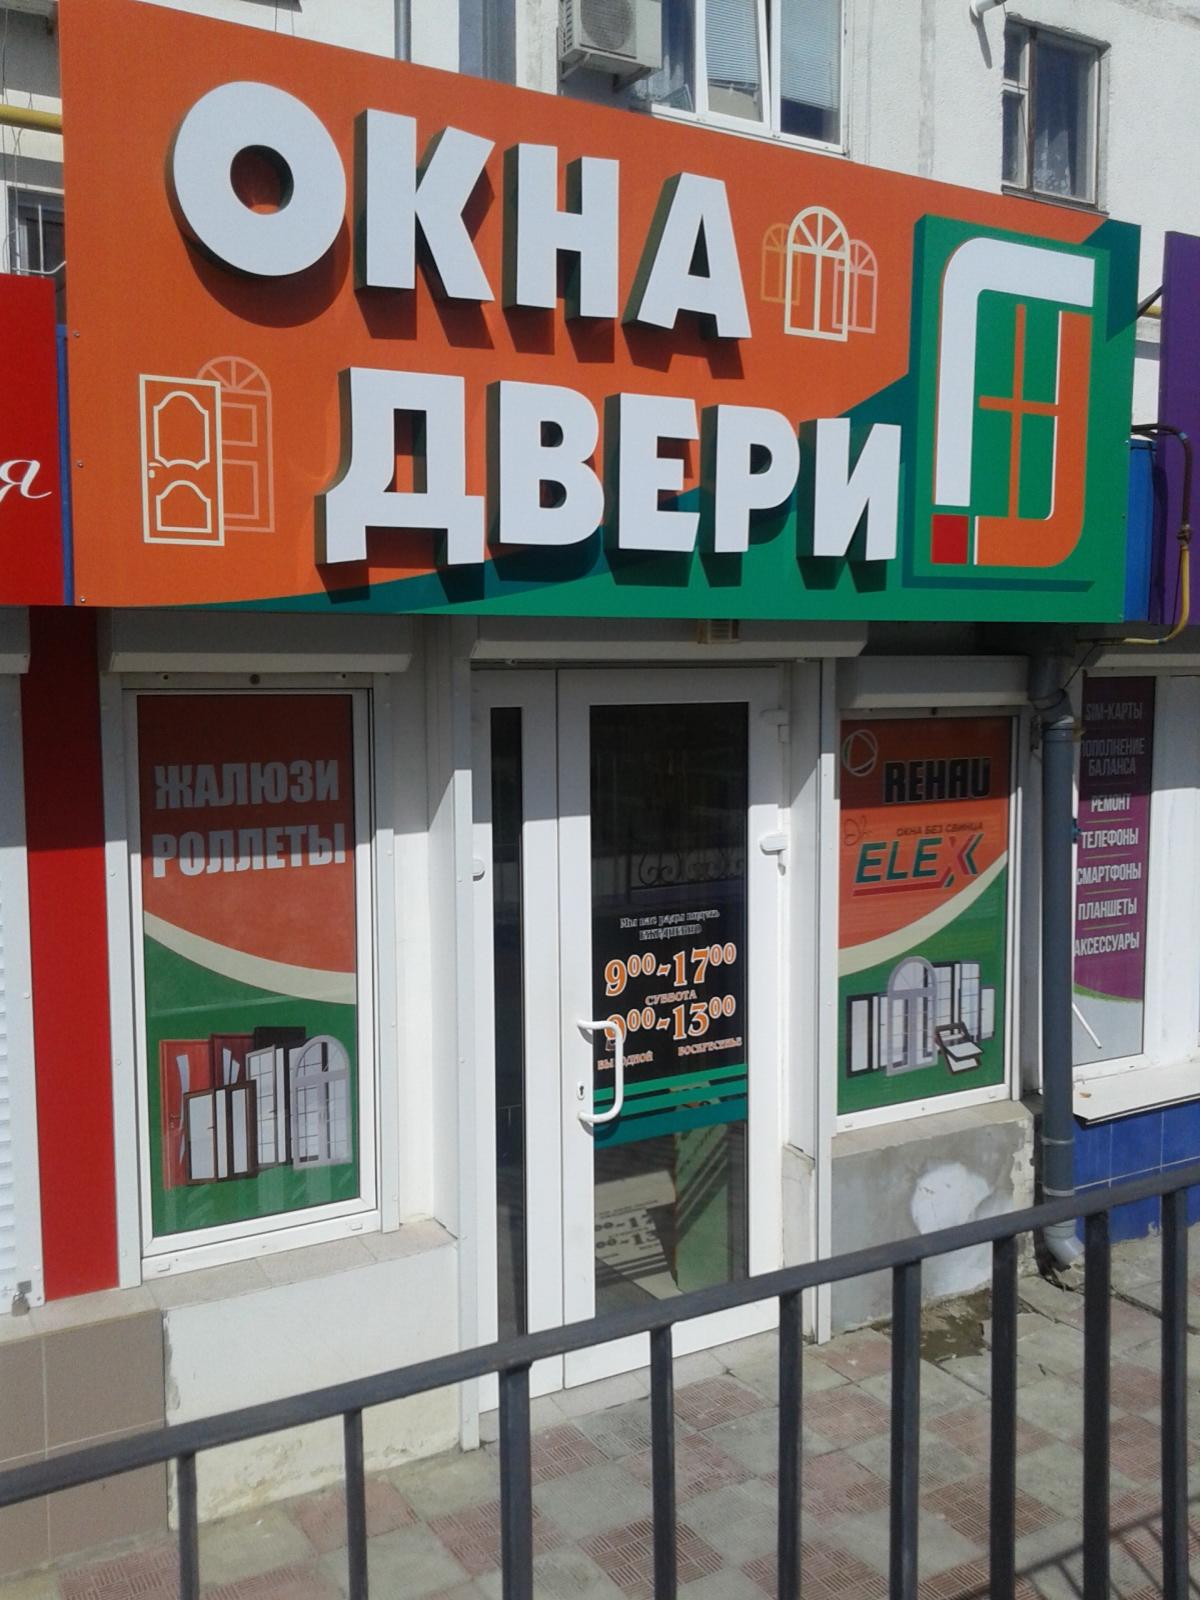 Фирма: Окна Двери, магазин Рошан